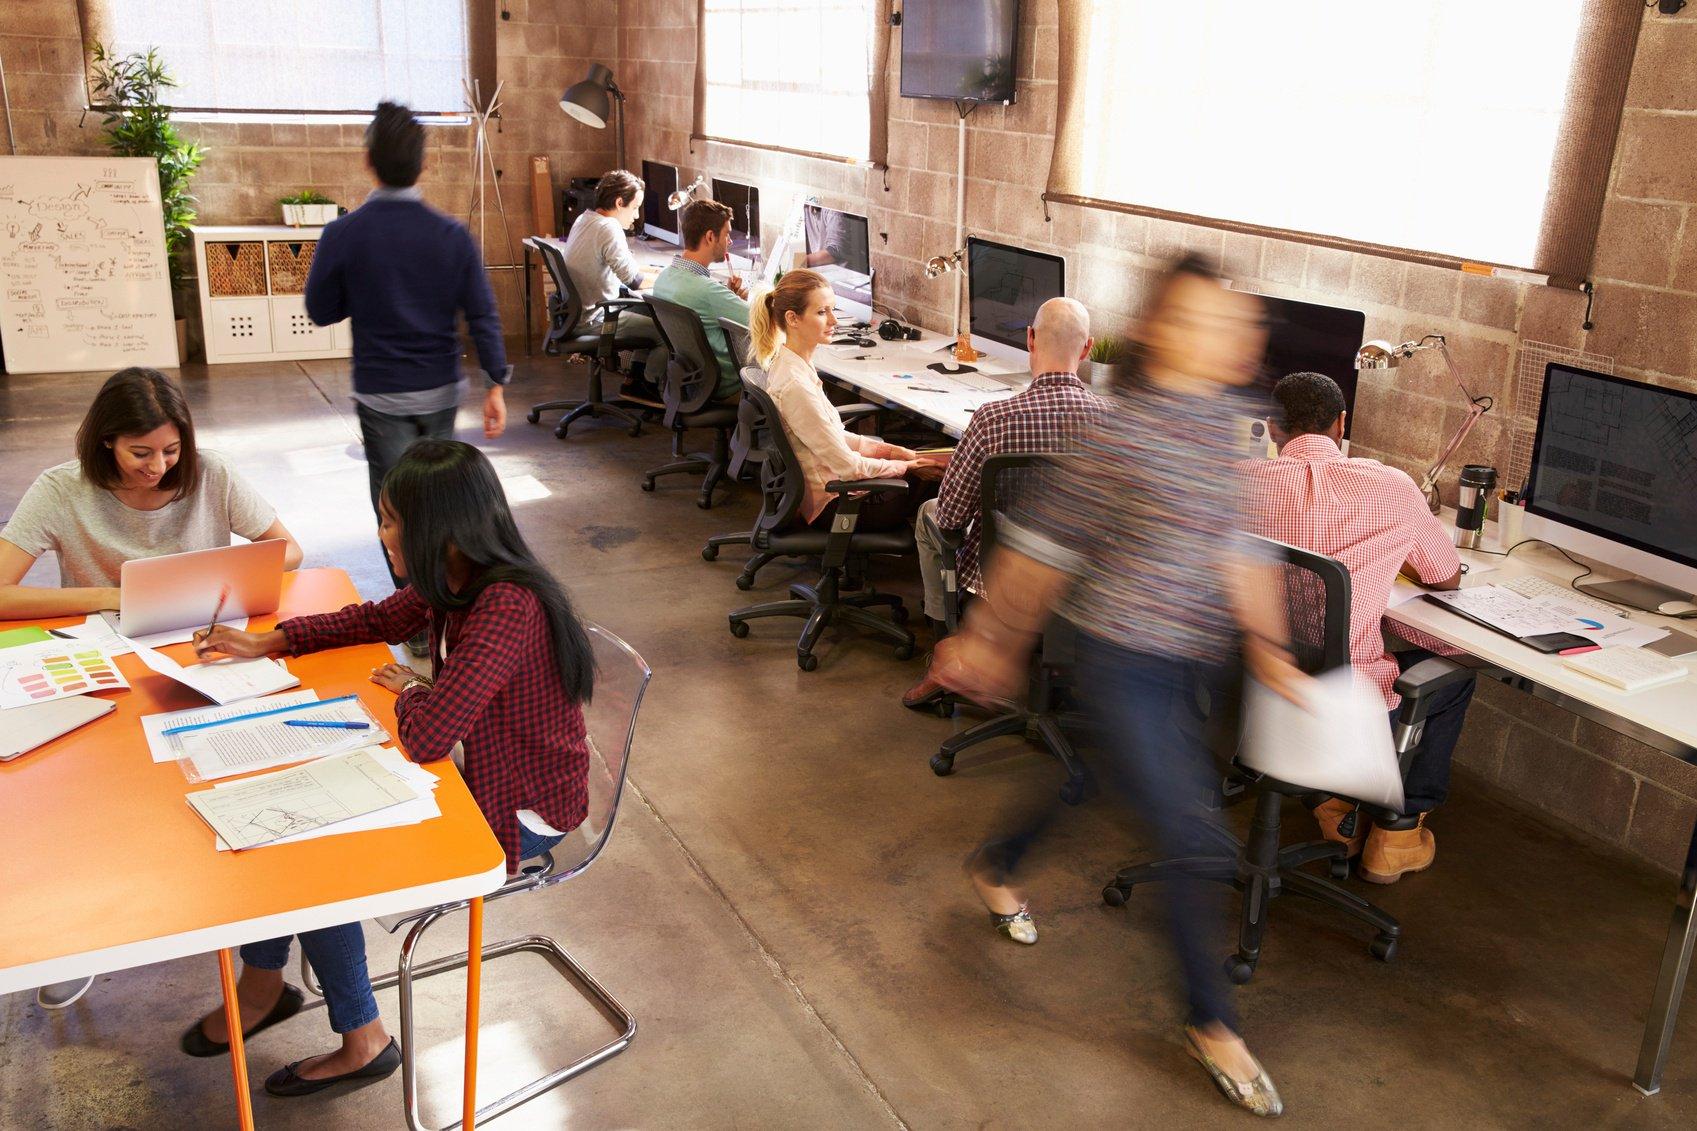 Open_office_space.jpg